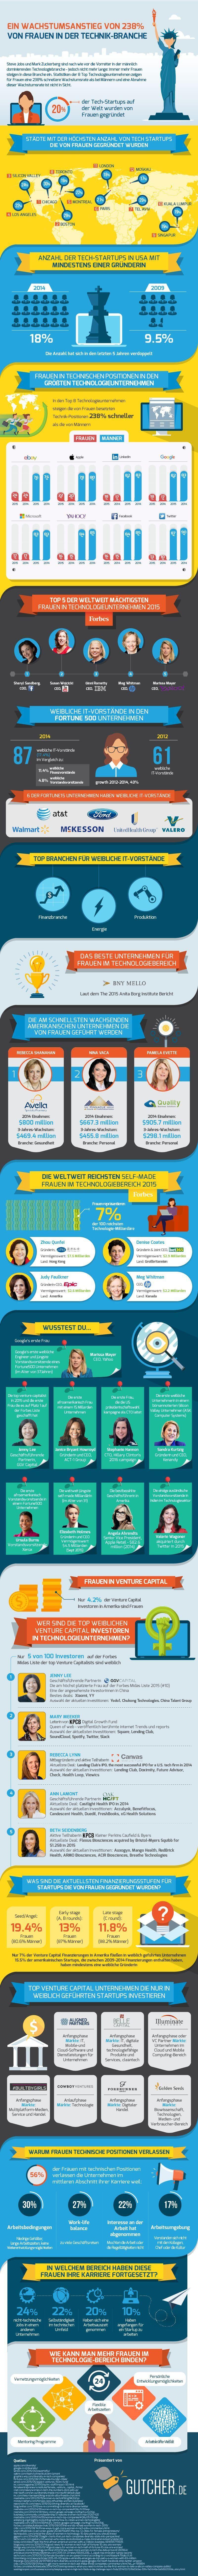 Women in Tech. Infografik: Gutcher.de